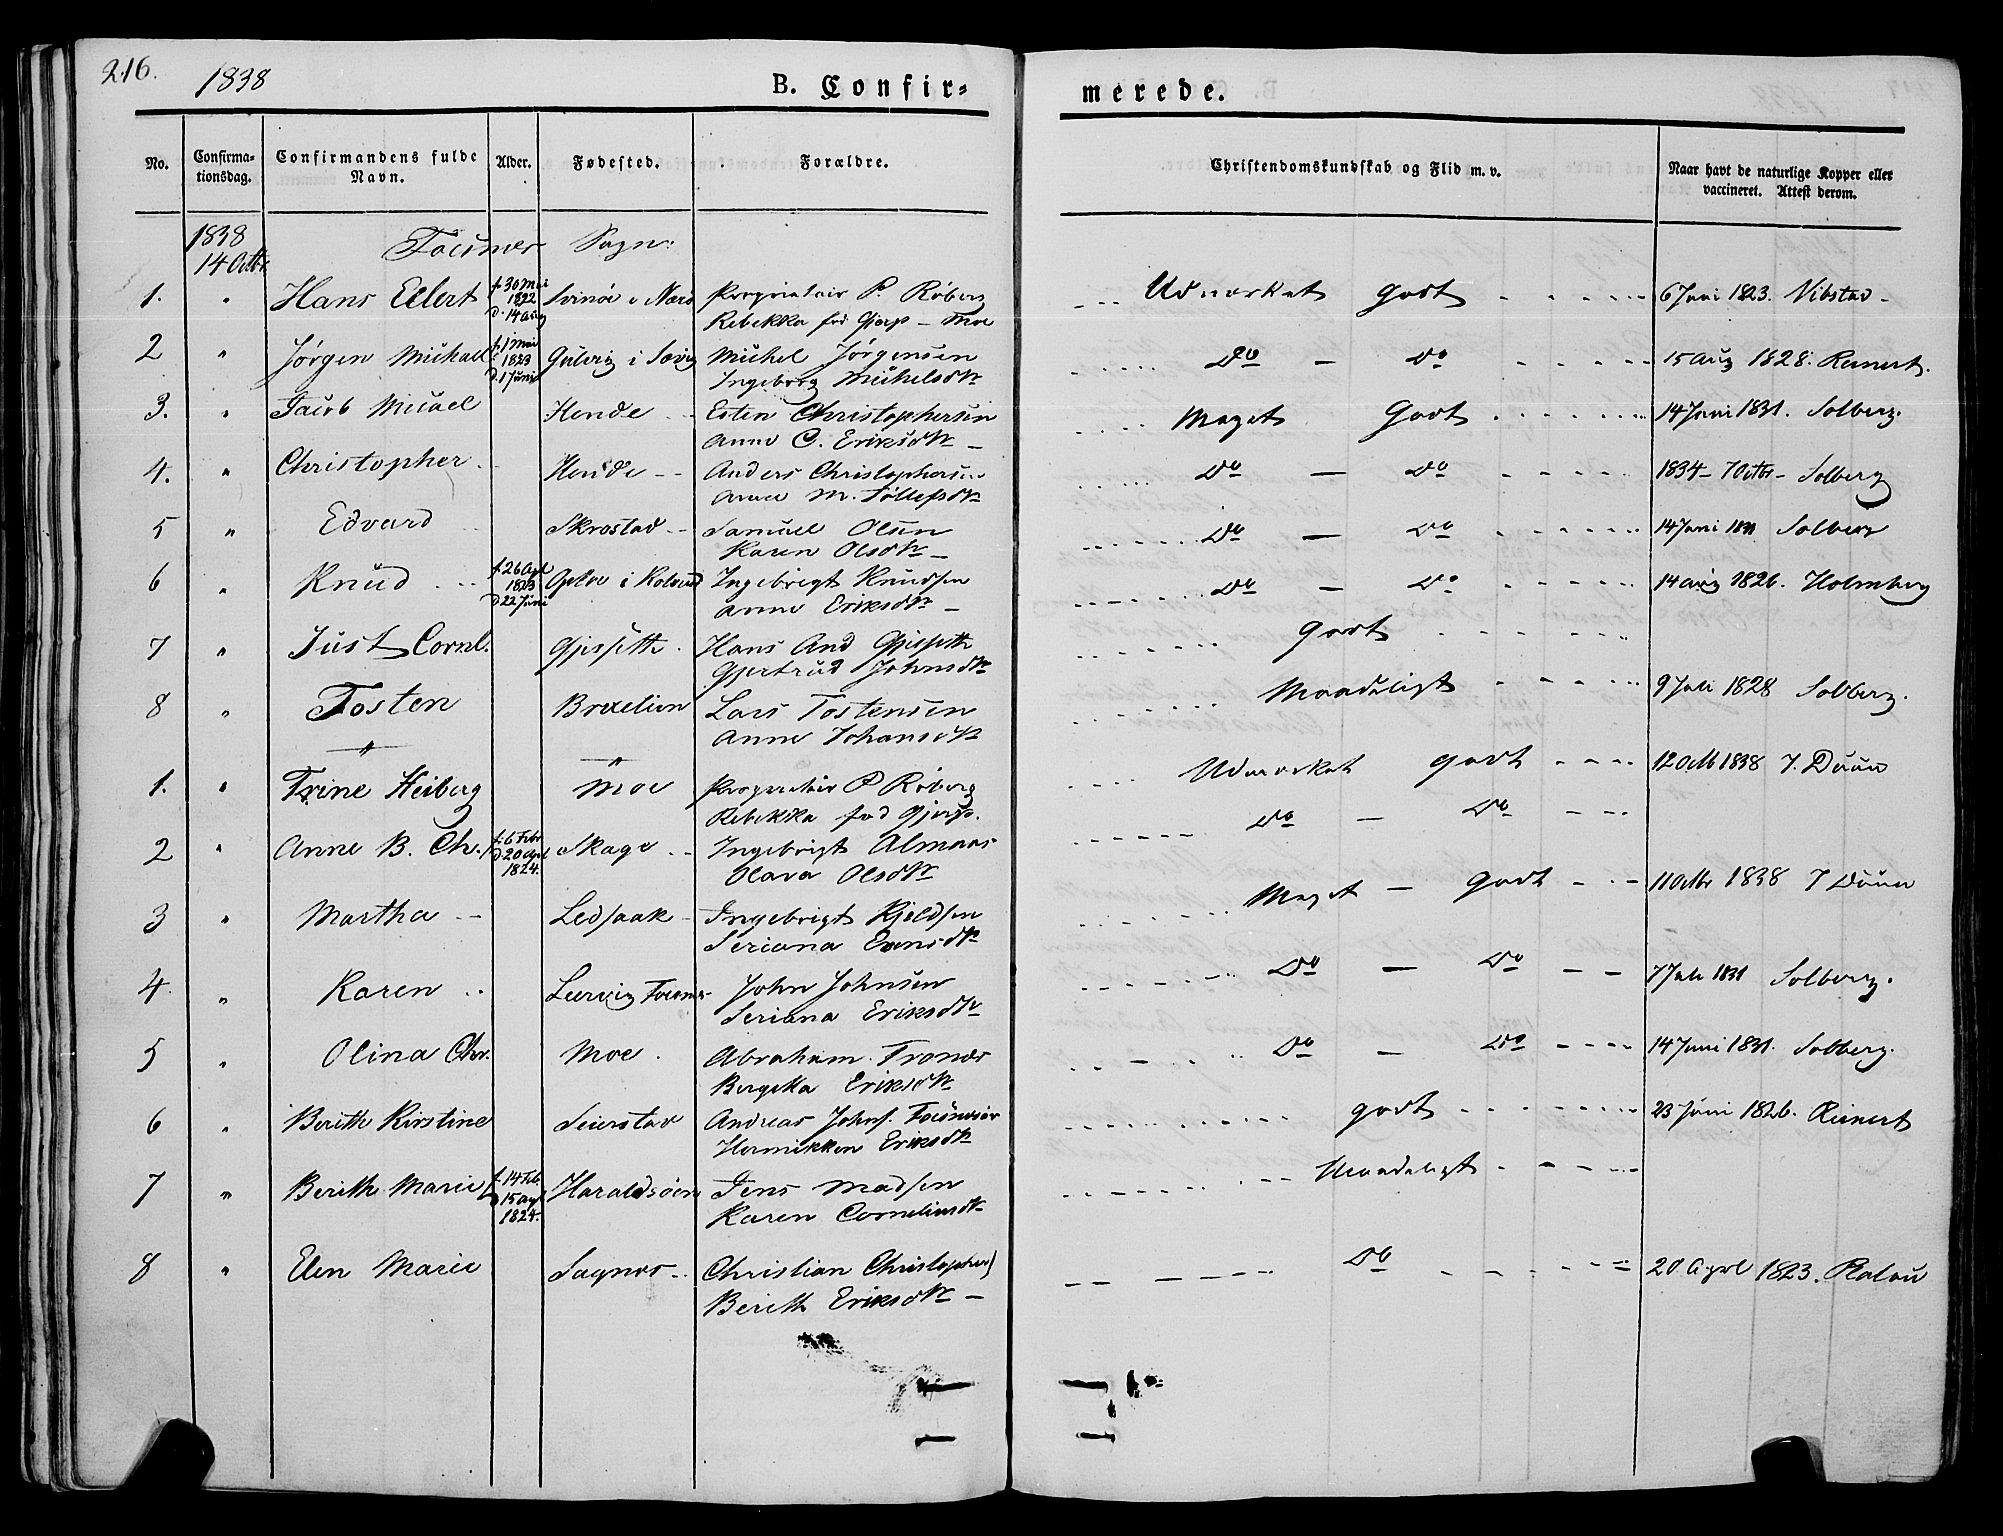 SAT, Ministerialprotokoller, klokkerbøker og fødselsregistre - Nord-Trøndelag, 773/L0614: Ministerialbok nr. 773A05, 1831-1856, s. 216